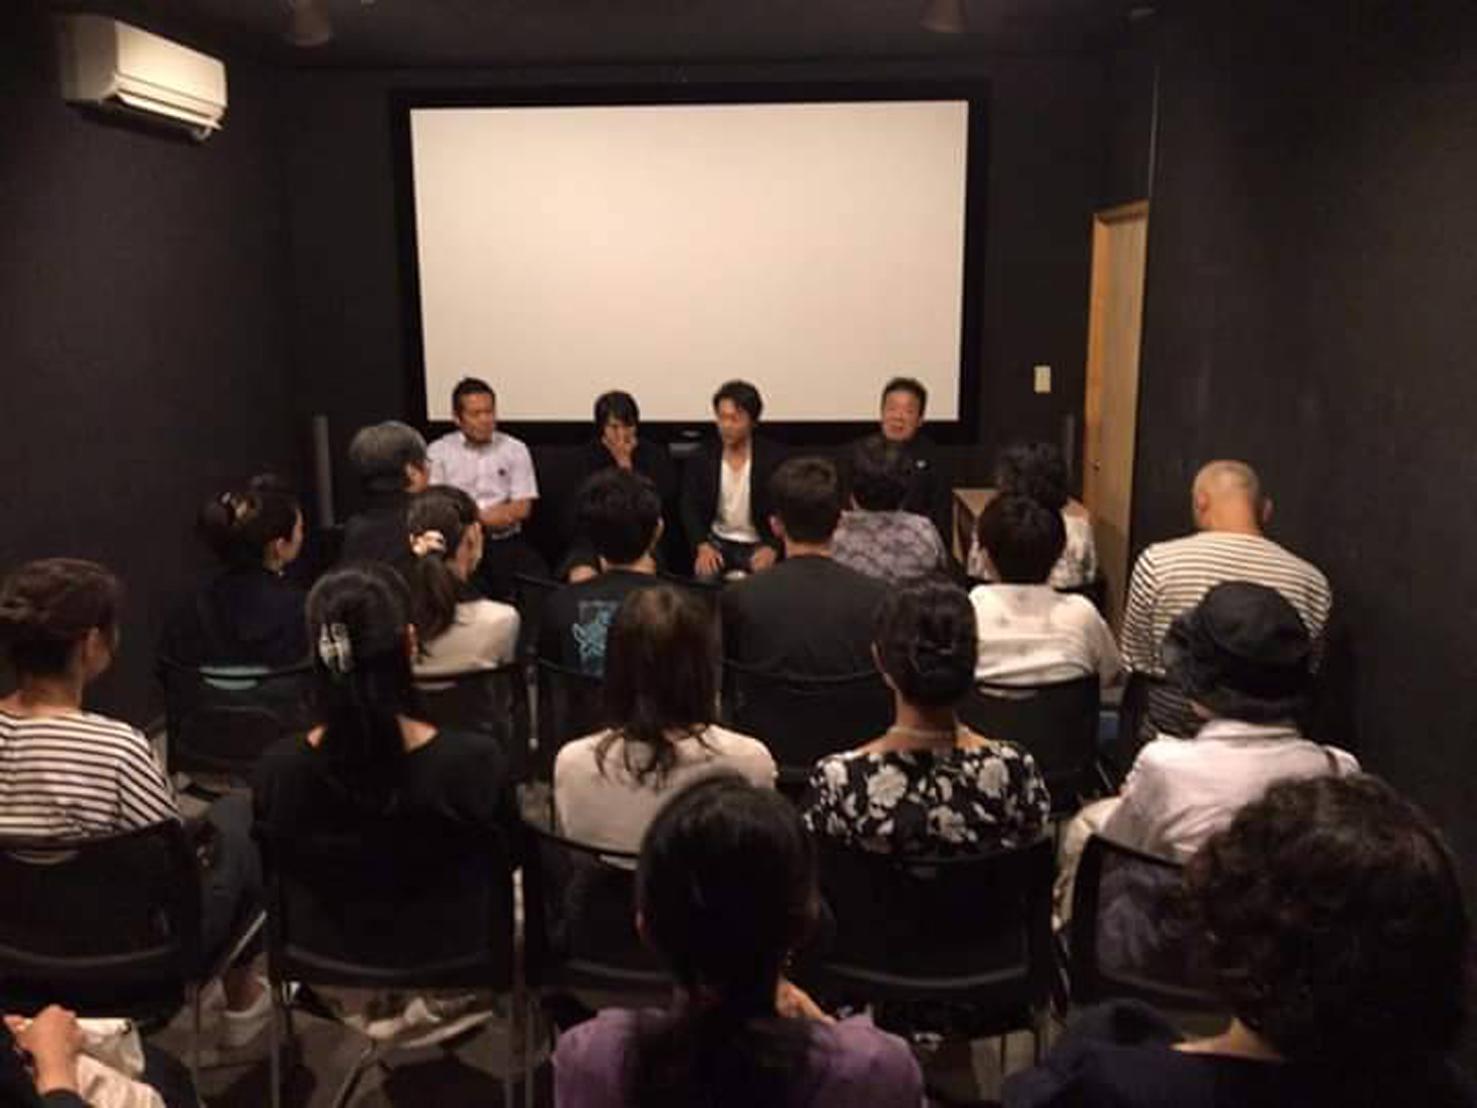 映画「かぞくわり」上映後会場を移動して奈良の食トーク@神戸・元町映画館